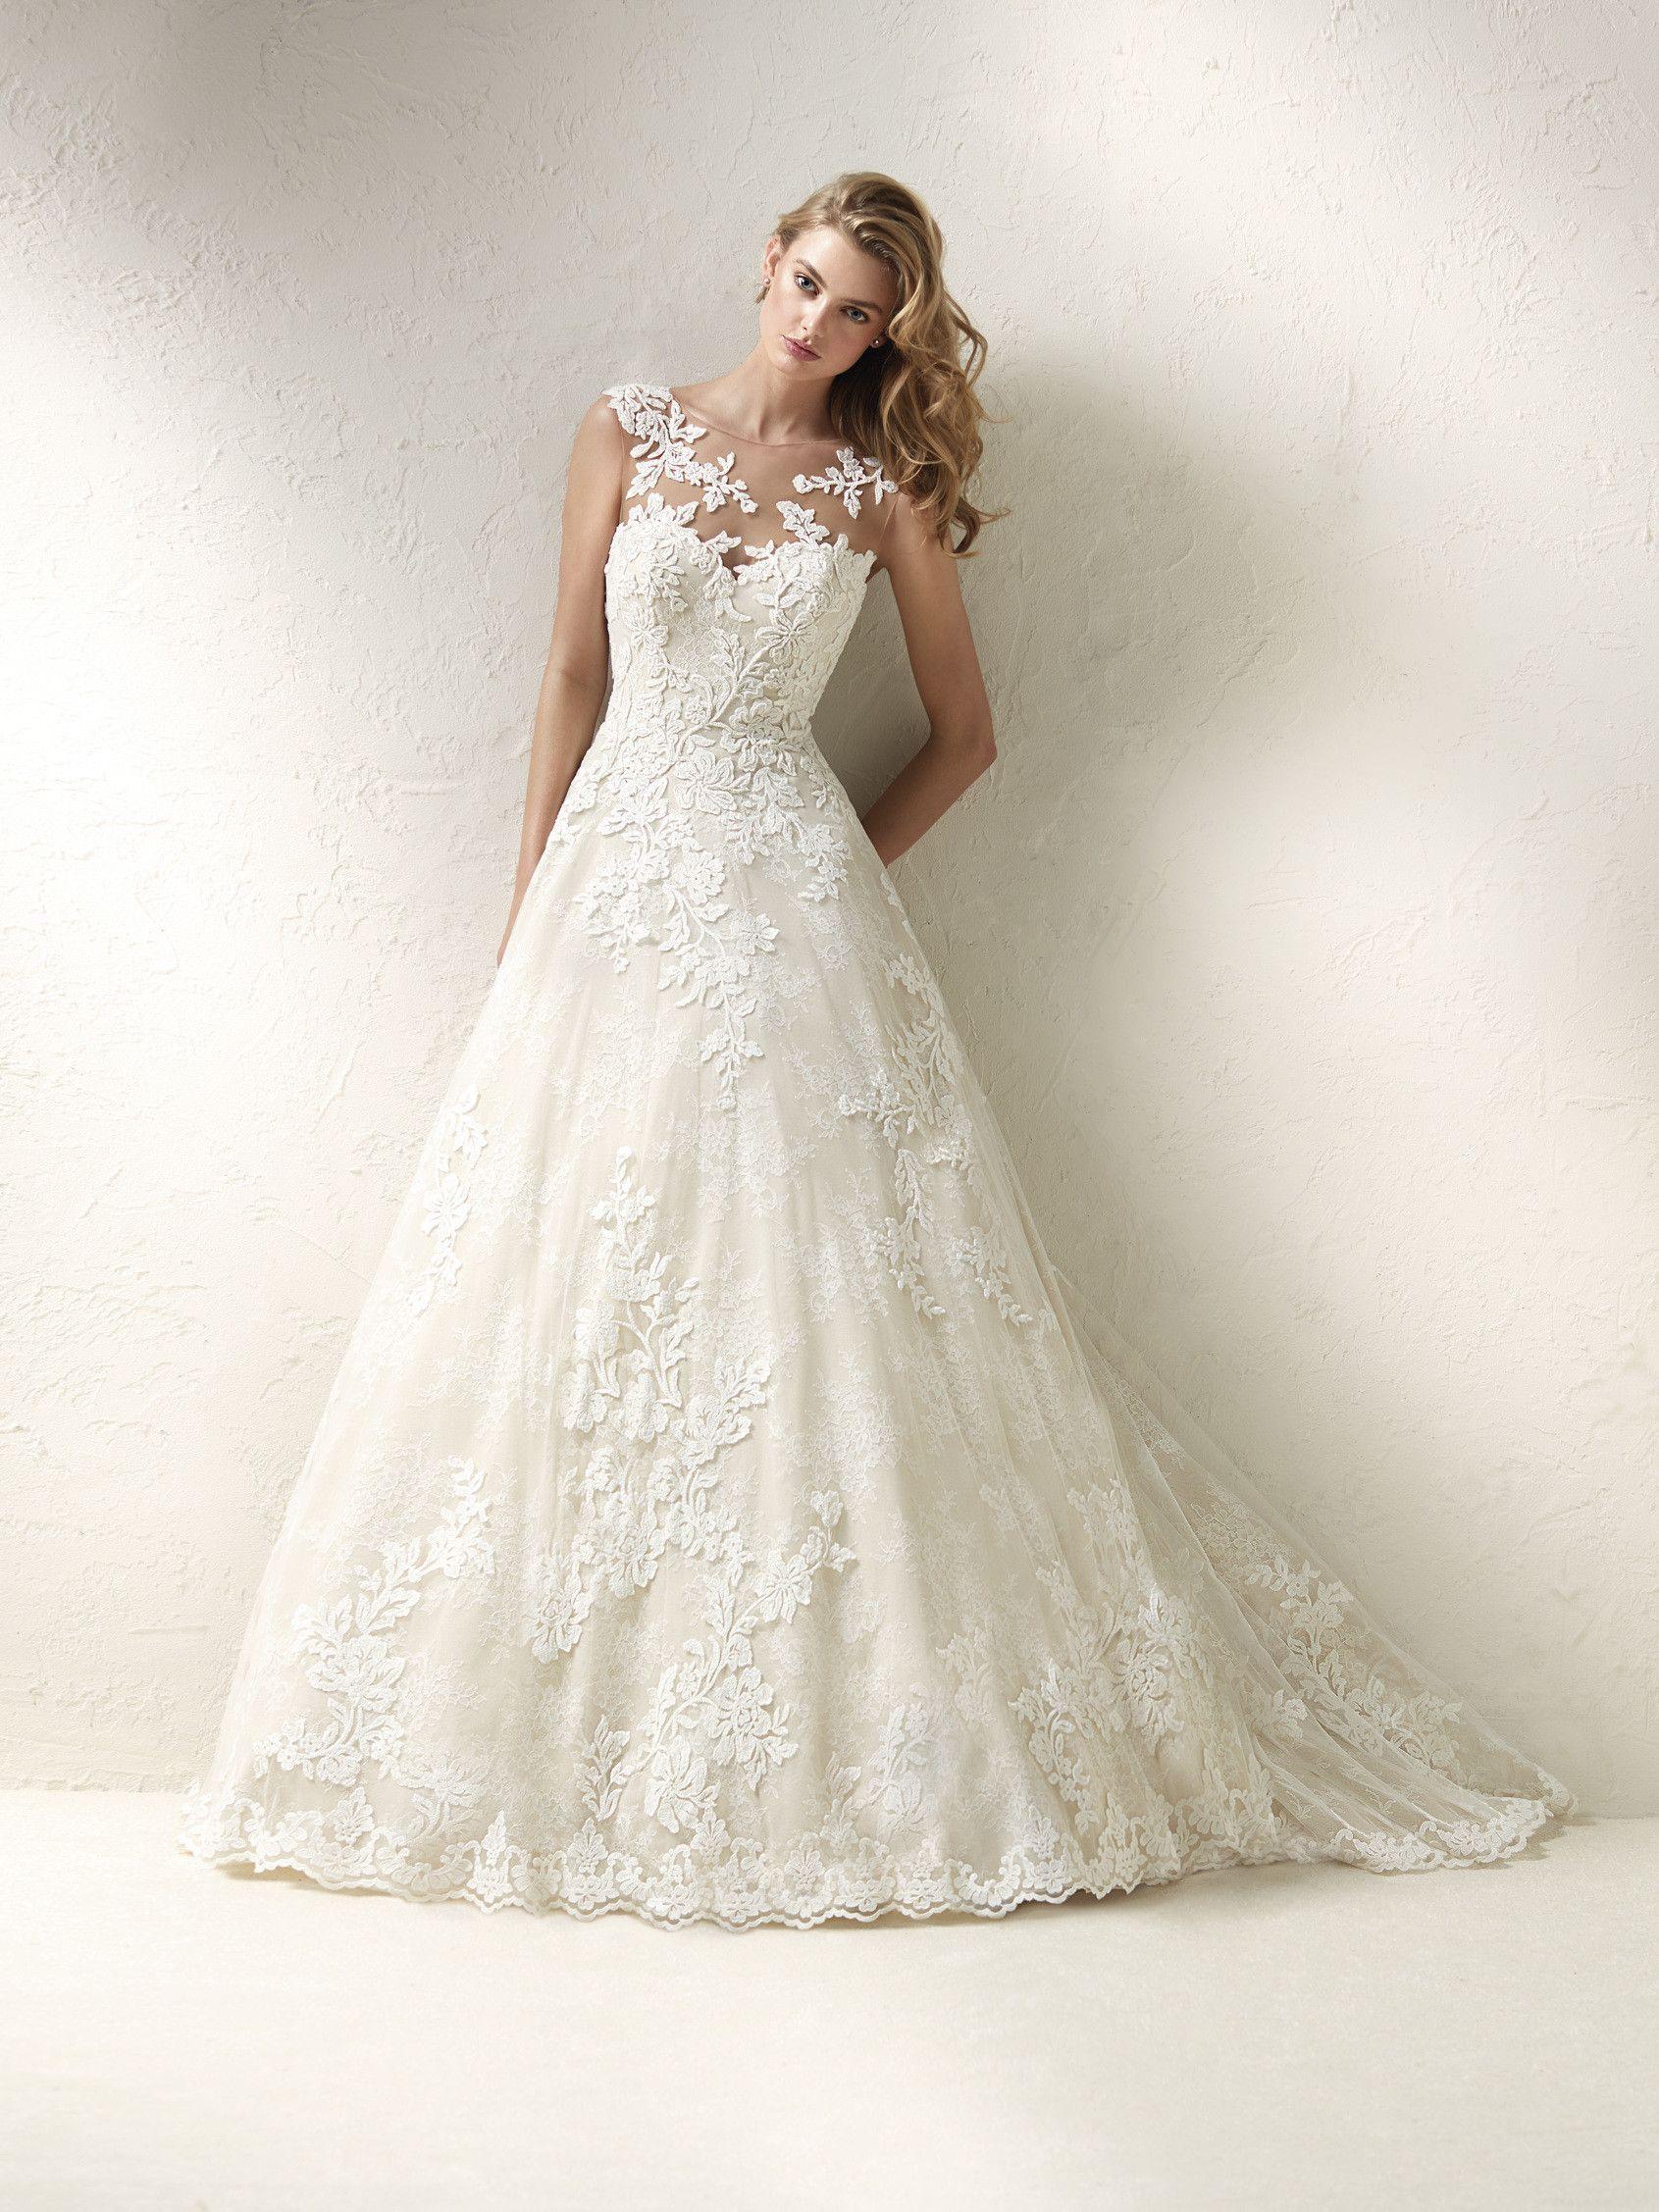 Dracme Brautkleid im Prinzessin Stil mit voluminösem